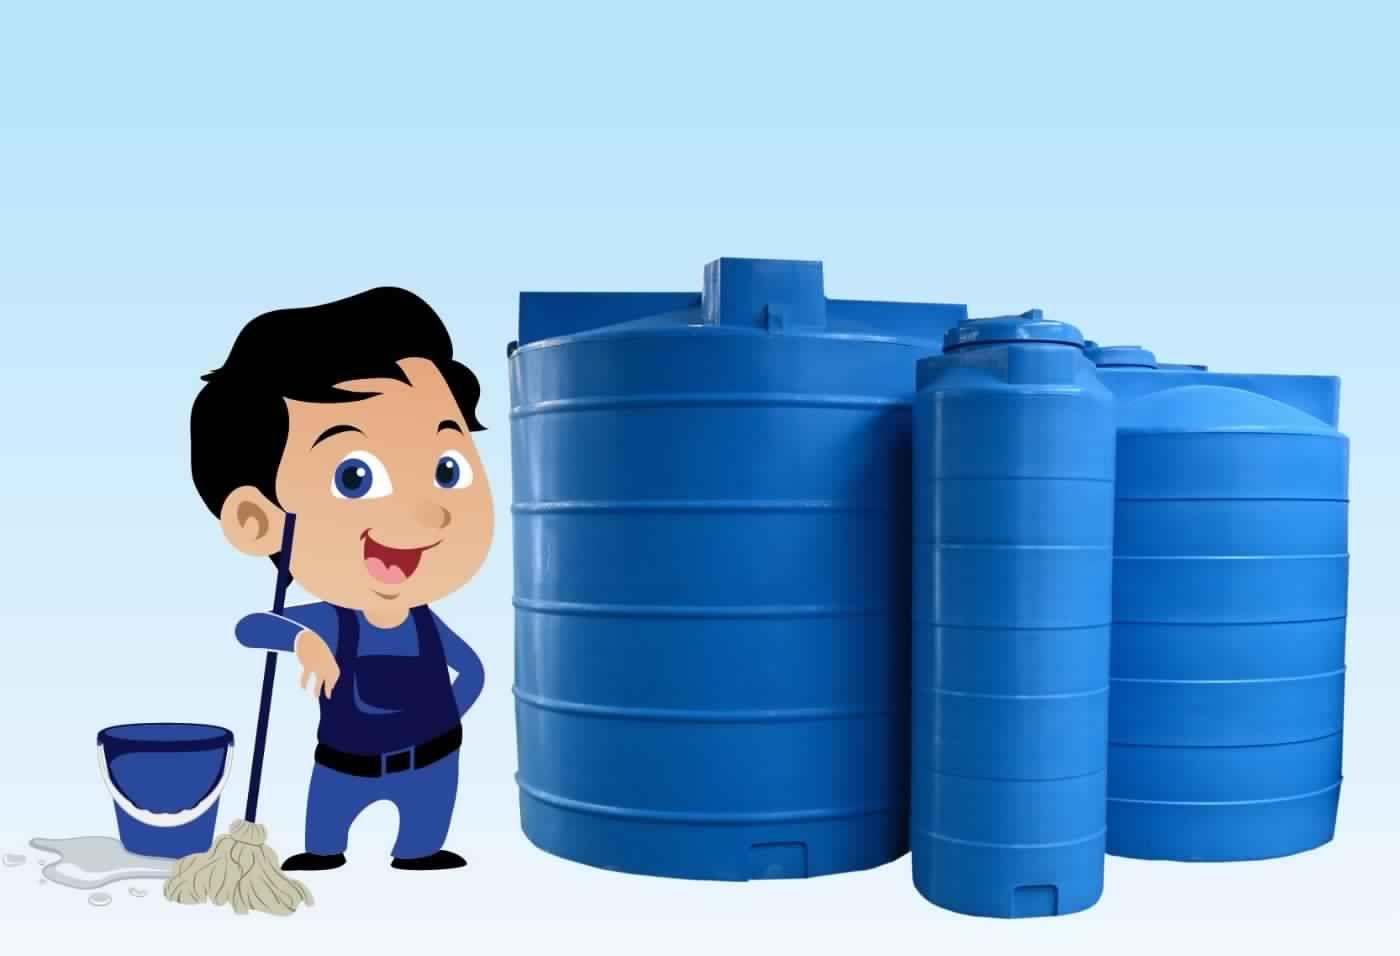 عبء غسيل الخزان سوف ينتهى مع شركة غسيل خزانات بجدة تستخدم افضل الادوات و المعدات فى غسيل جميع انواع الخزانات Water Tank Tank Cleaning Service